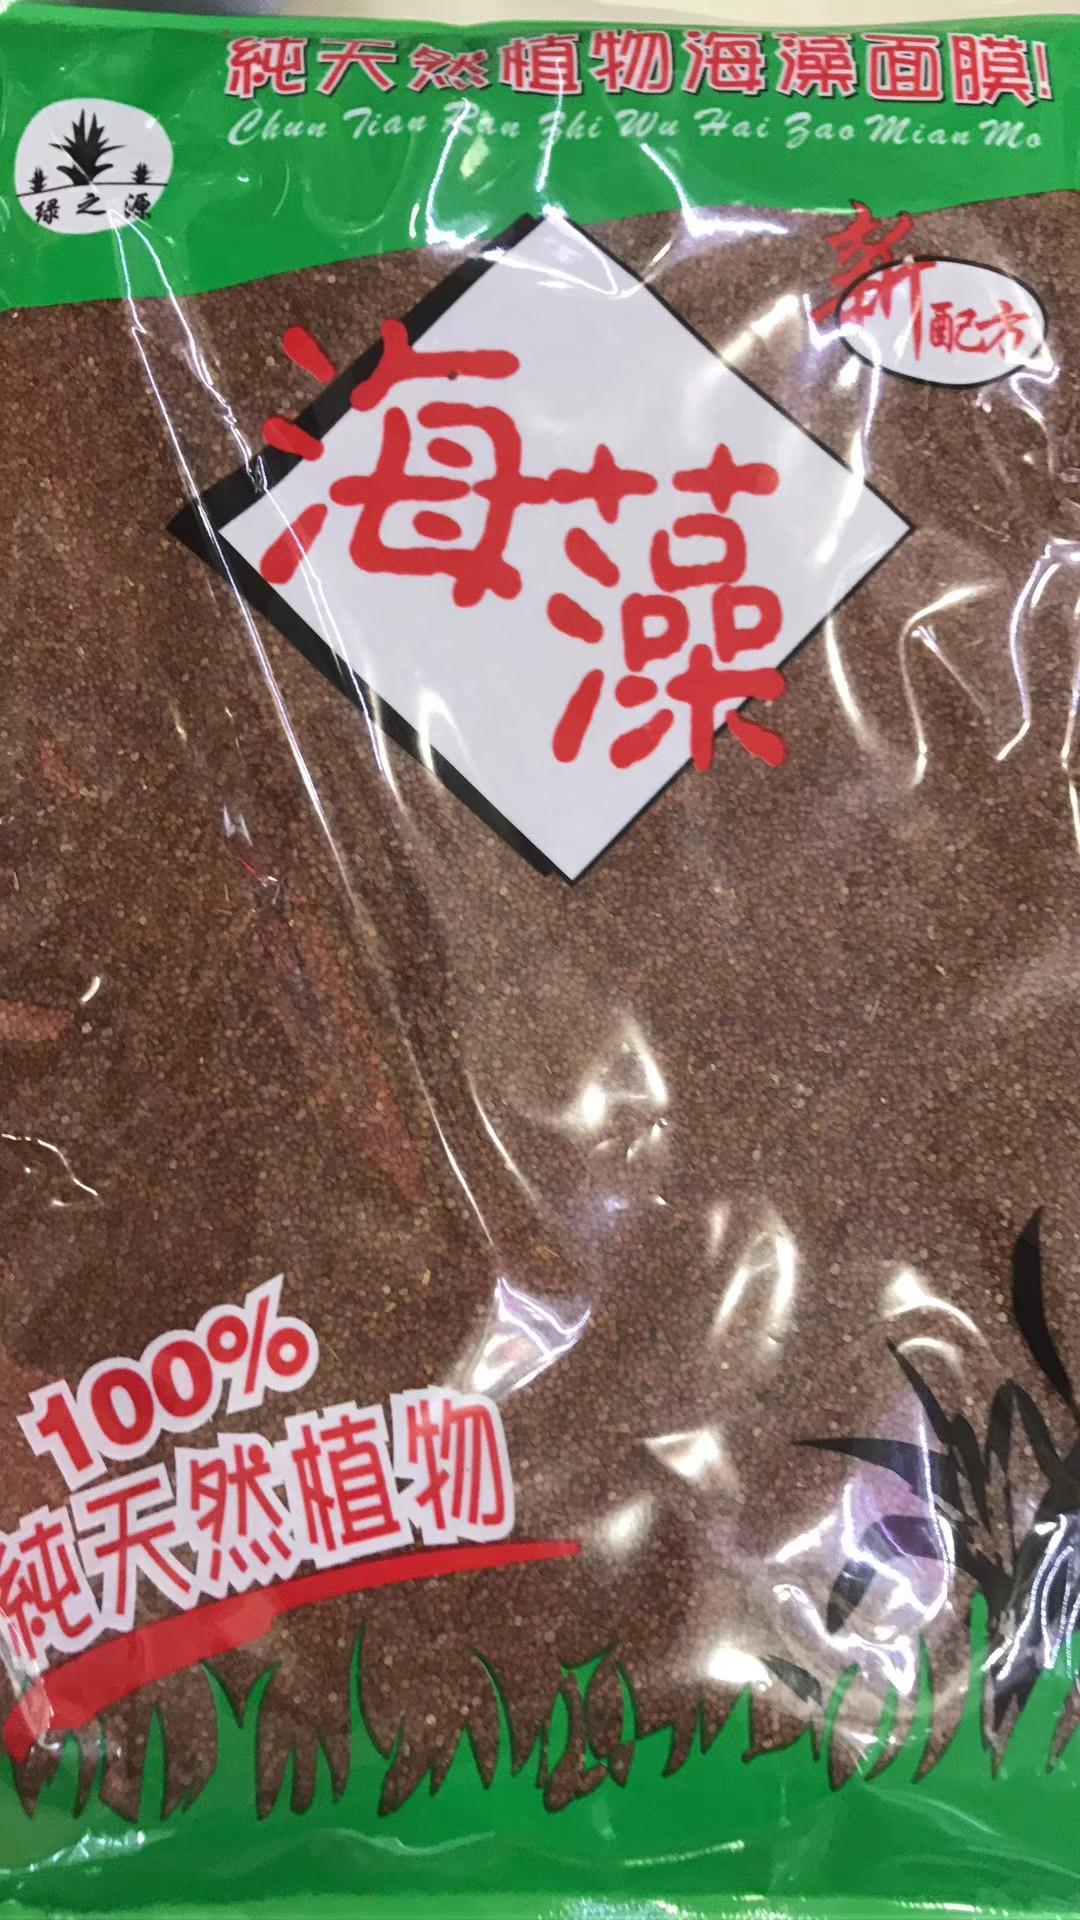 片海藻面膜纯天然正品泰国小颗粒免调保湿孕可用收缩保湿包邮详细照片